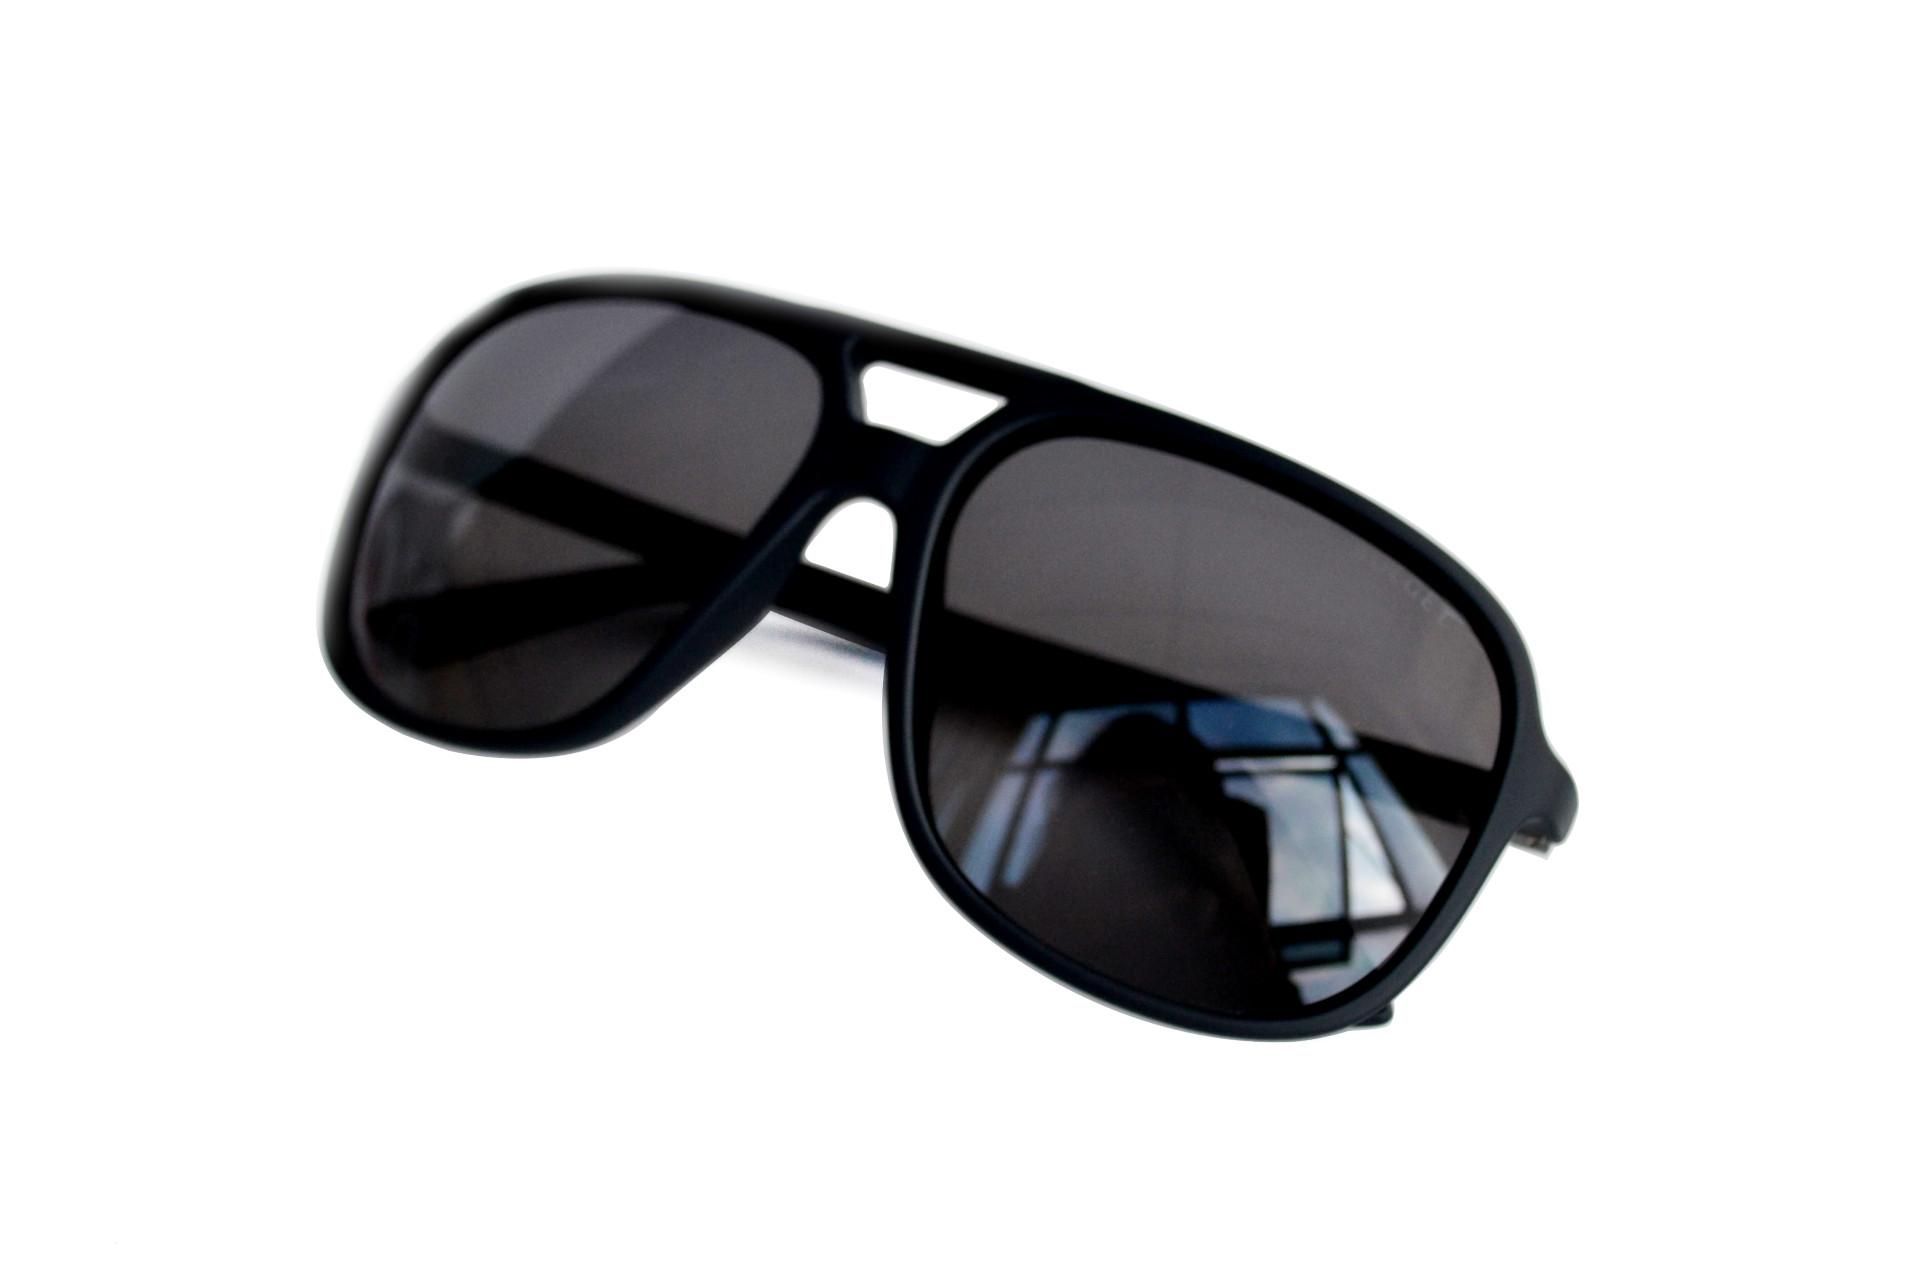 Se ele curte uma praia e tem um estilo focado no conforto os óculos  esportivos são perfeitos! Eles são, geralmente, pensados para oferecerem o  máximo de ... 158642e033